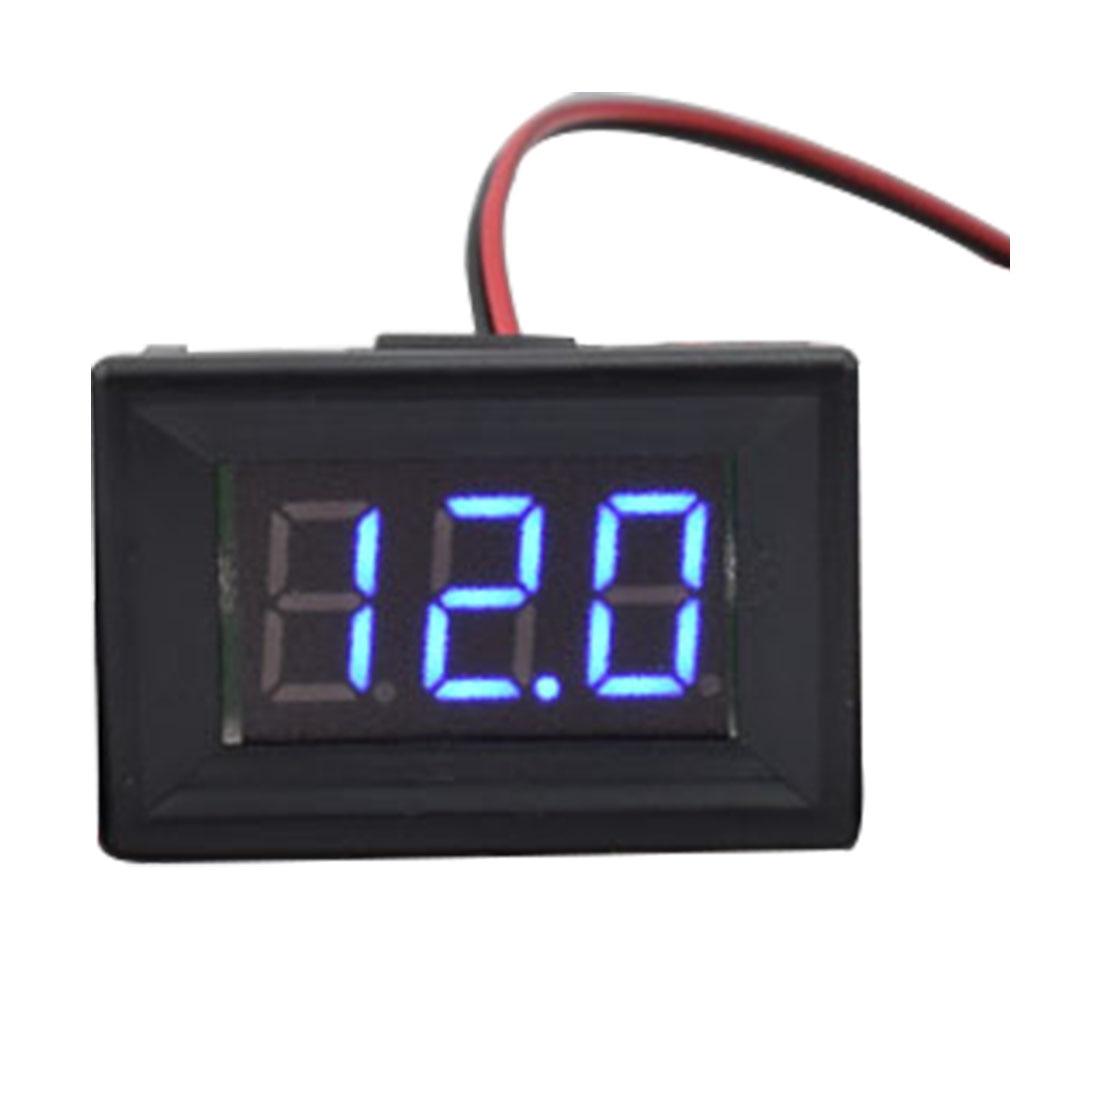 LED Display Blue1pcs Digital Voltmeter Two Wires 0.36 inch DC 4.50V-30.0V Digital Panel Voltage Meter Voltage Detector Monitor